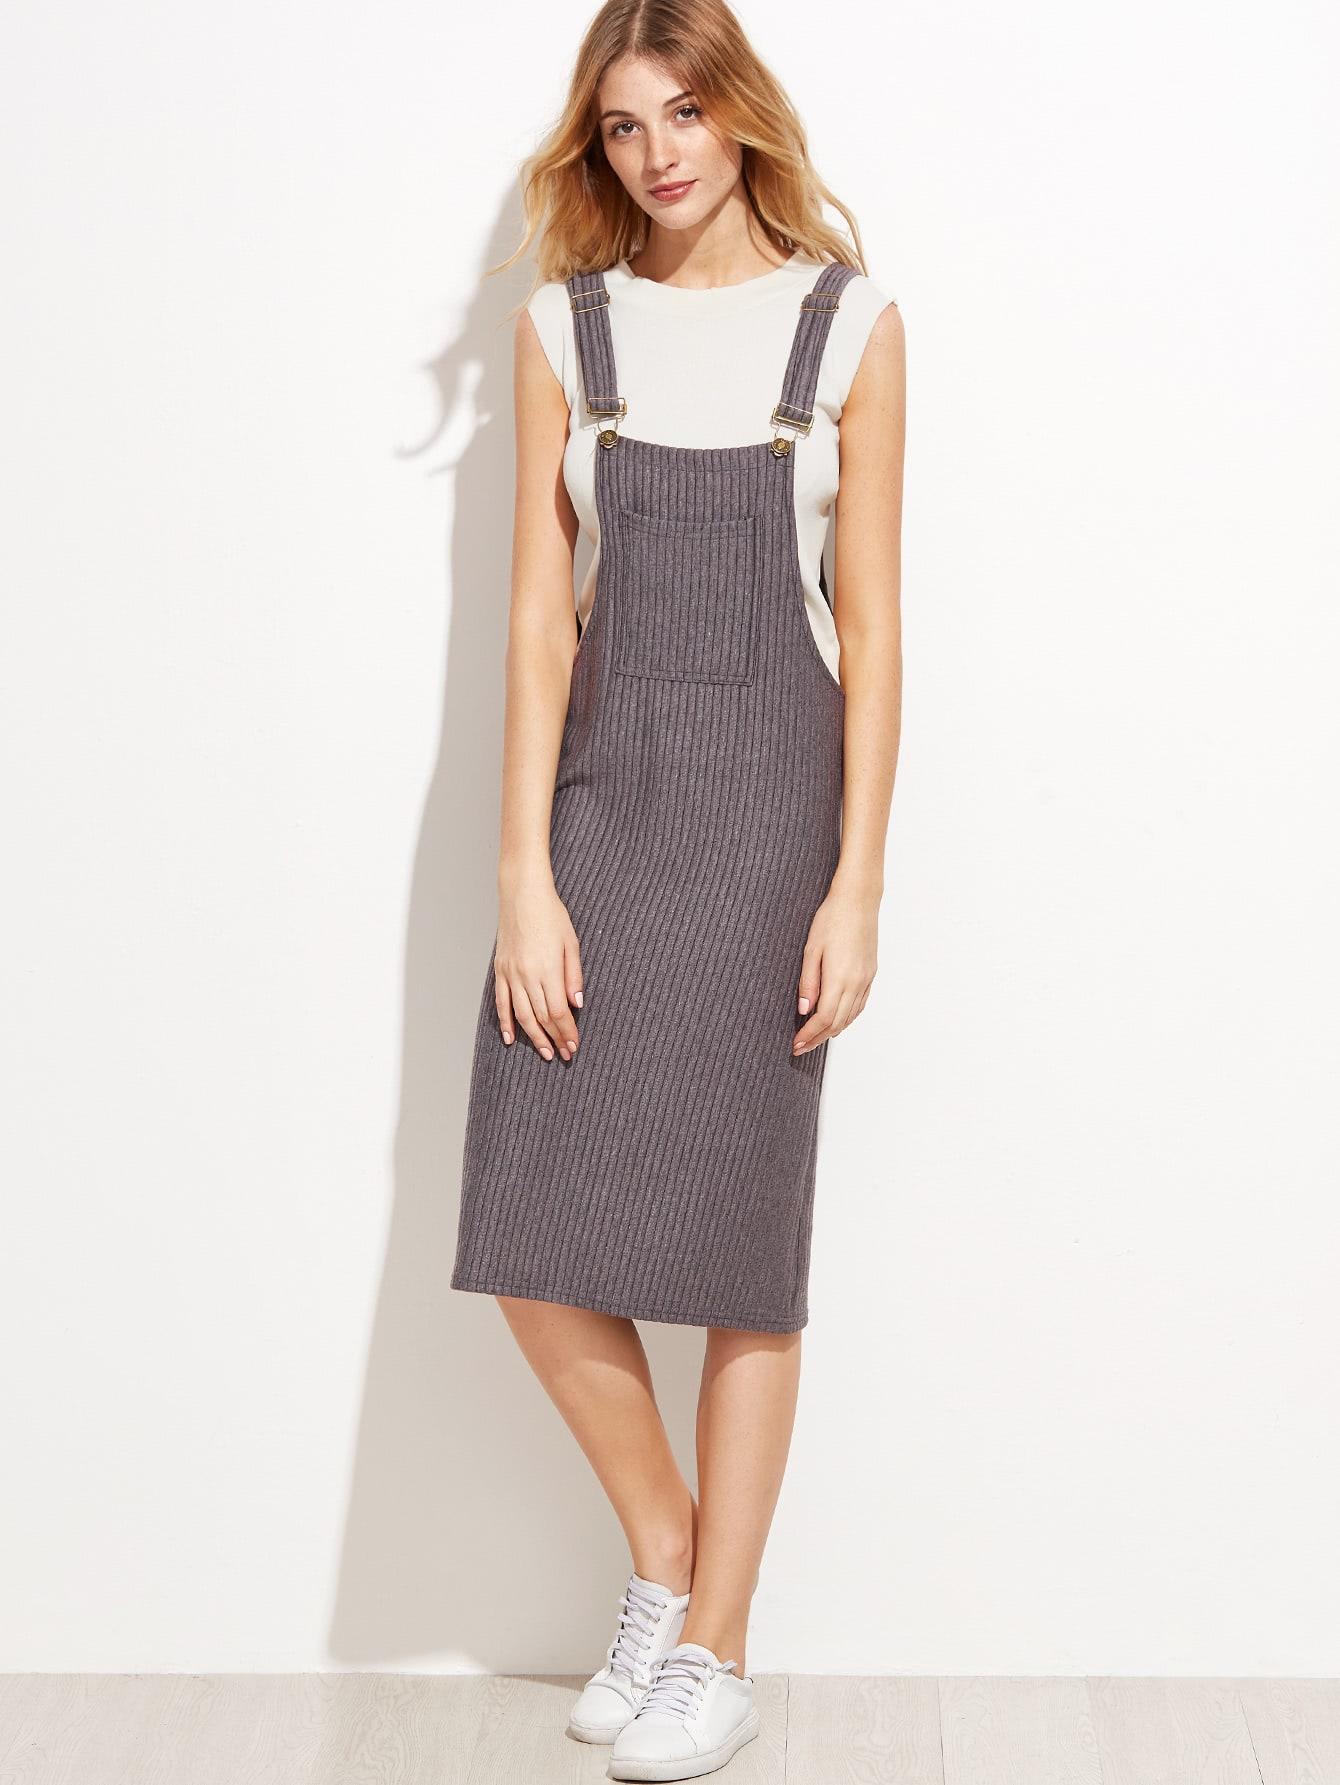 dress160916101_2